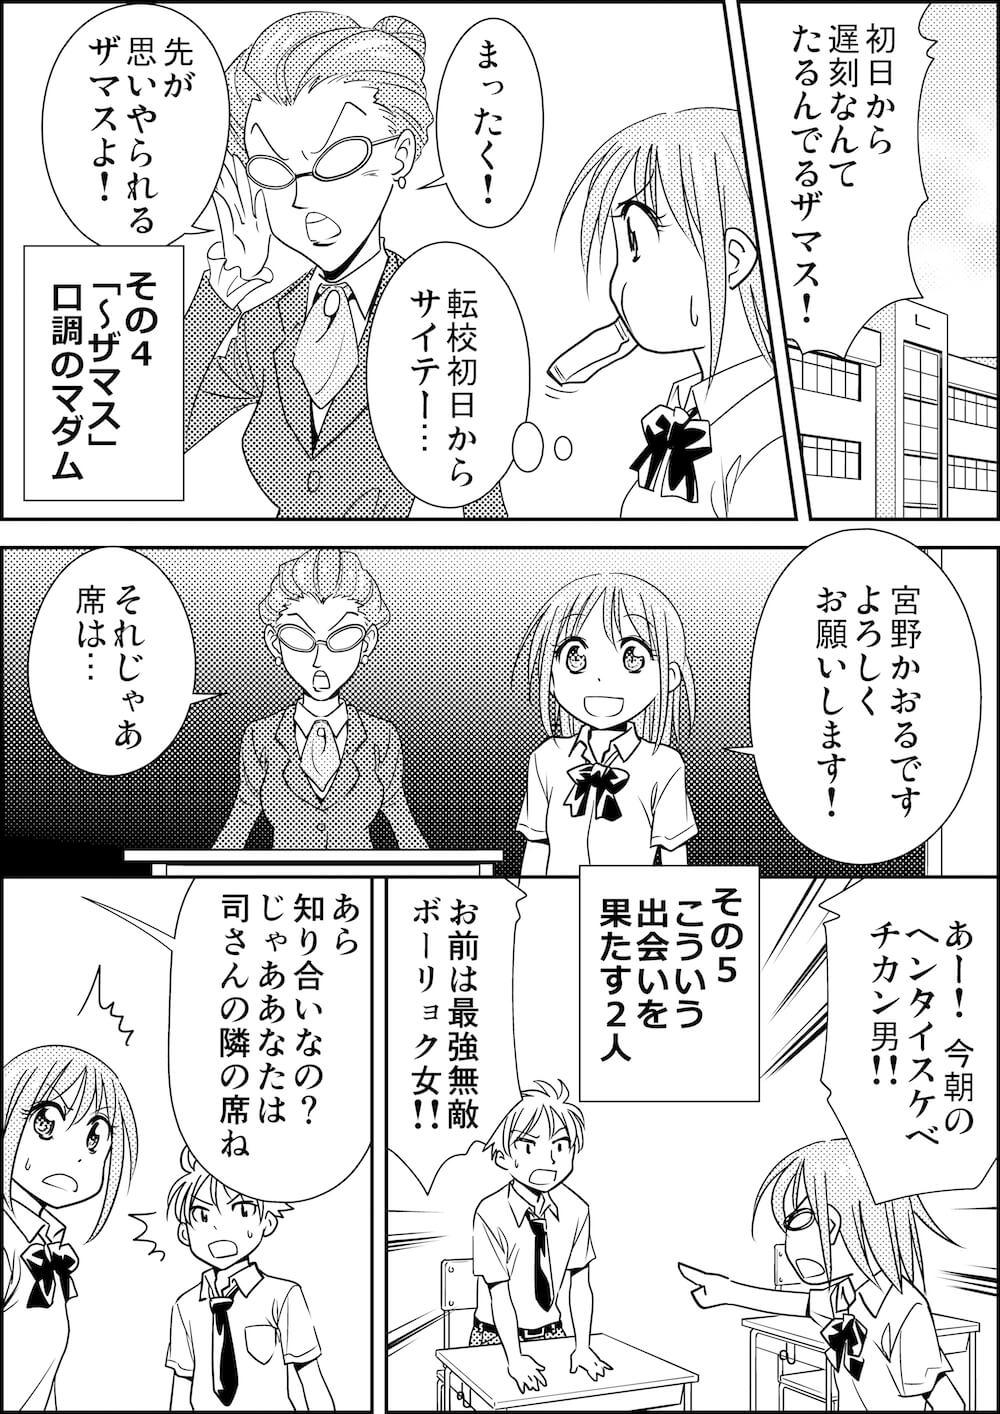 漫画ではあるあるだけど現実では1度も会ったことないキャラ_003